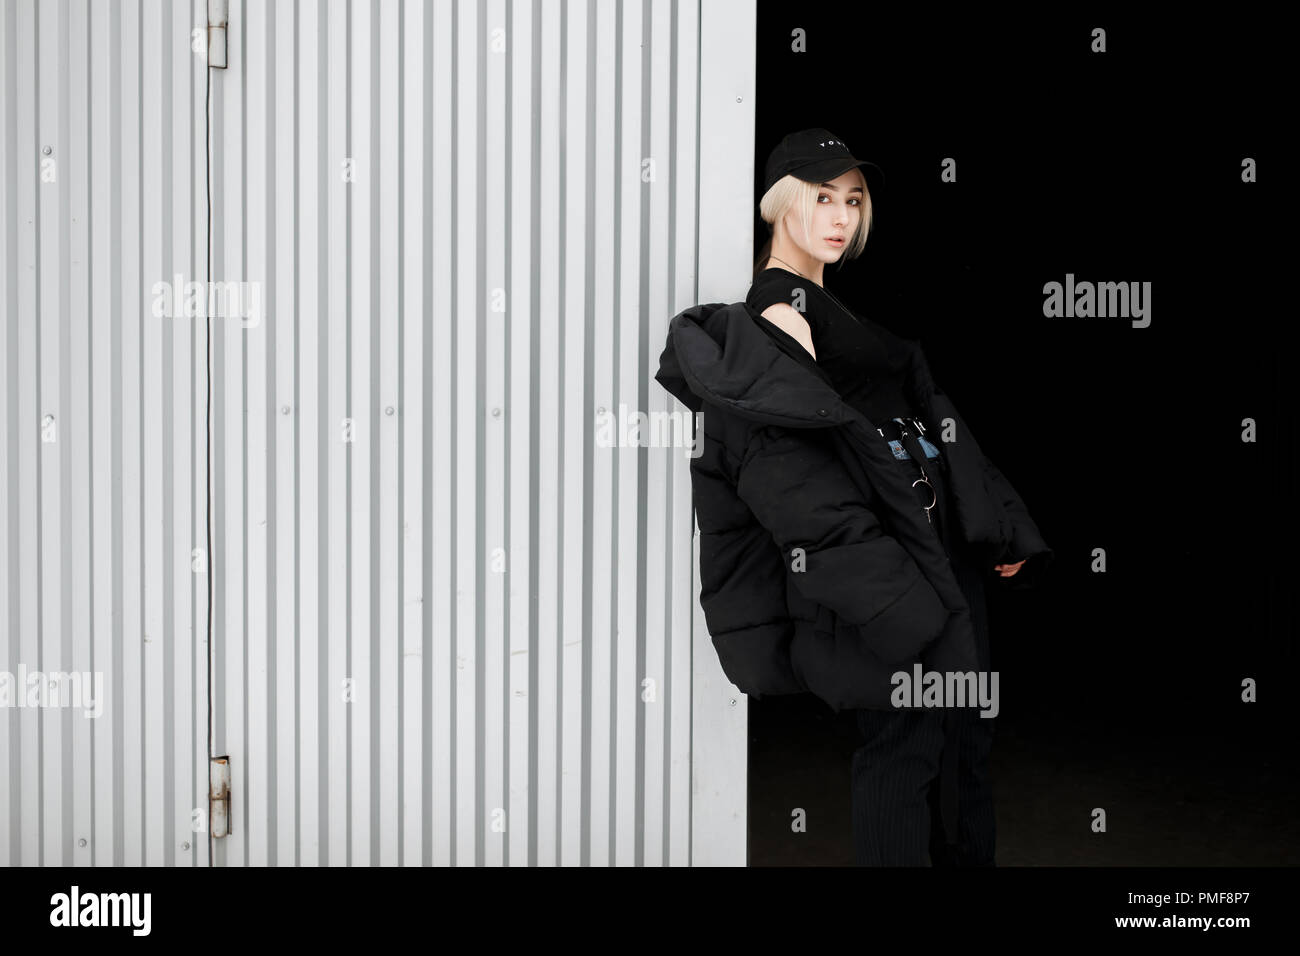 a7c29502be742c Hermosa chica de moda en un elegante negro con un capuchón negro chaqueta  de moda posando